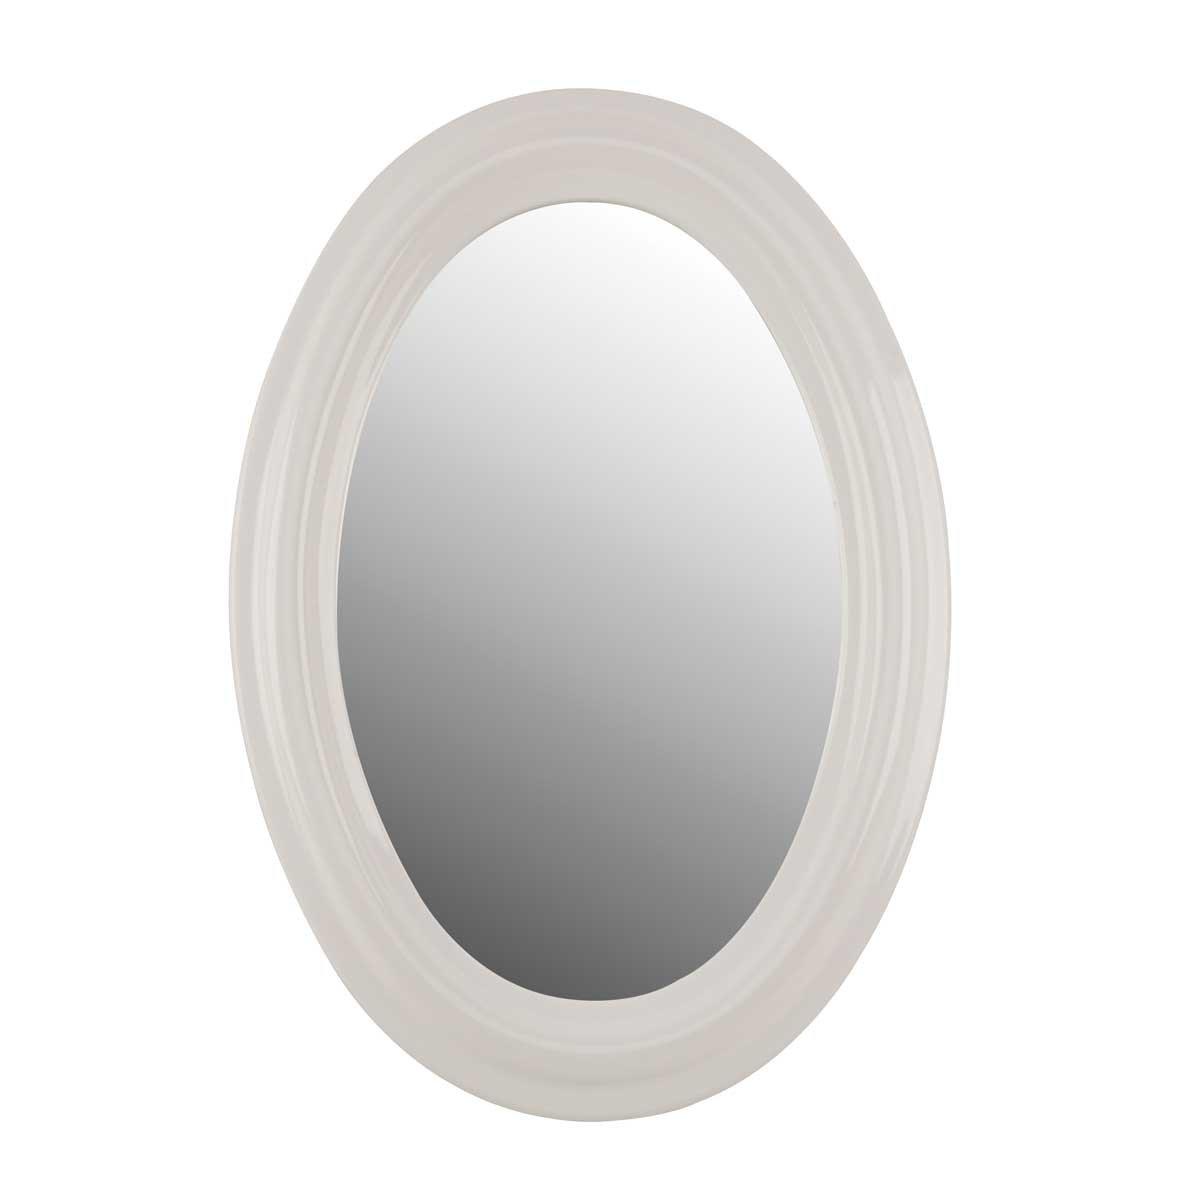 Mirrors White Porcelain Oval Bathroom Mirror: Amazon.co.uk: Kitchen ...